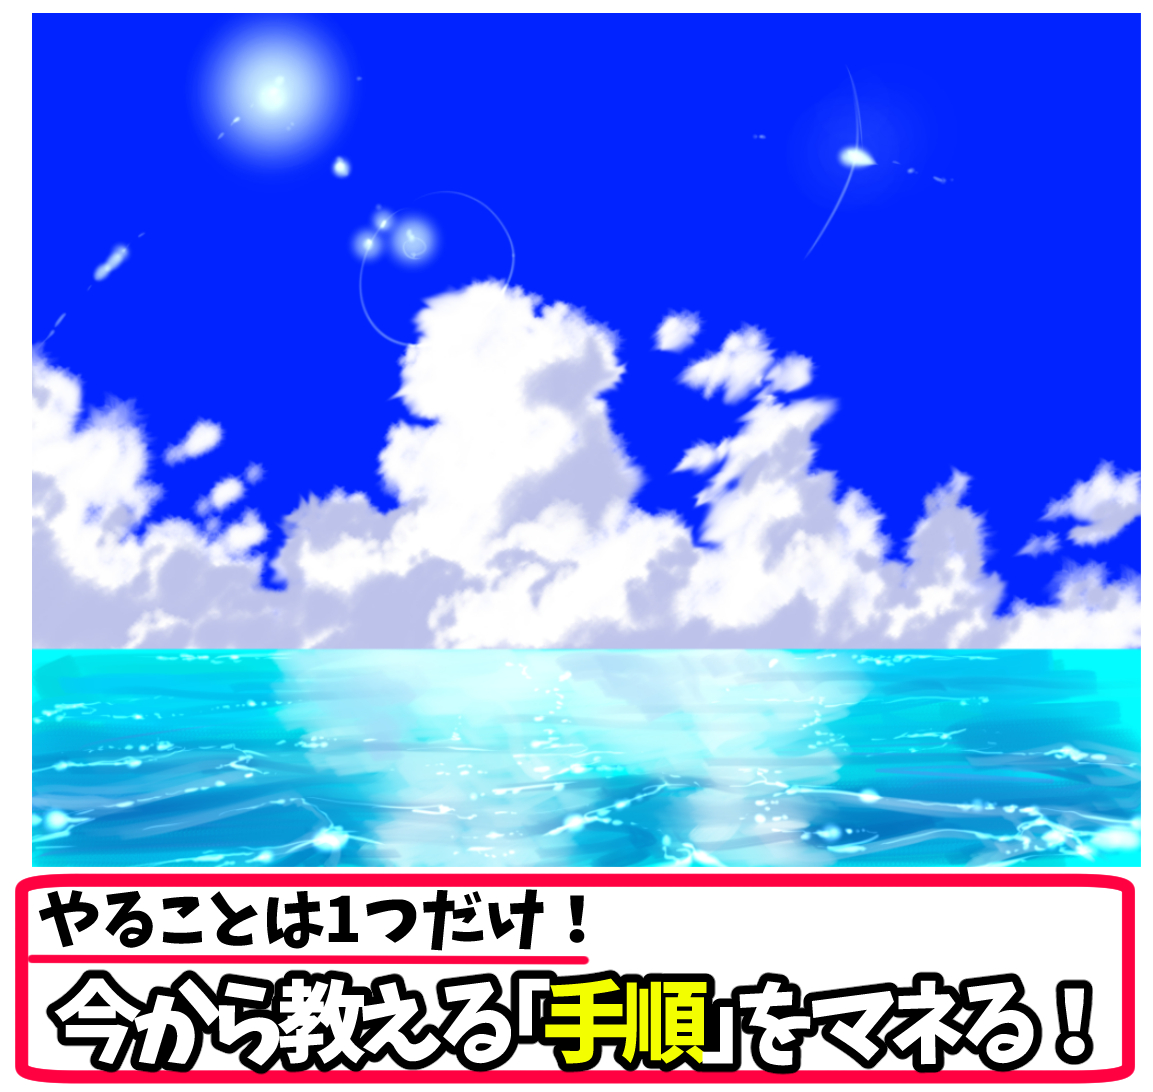 雲の描き方 夏の背景イラスト 入道雲